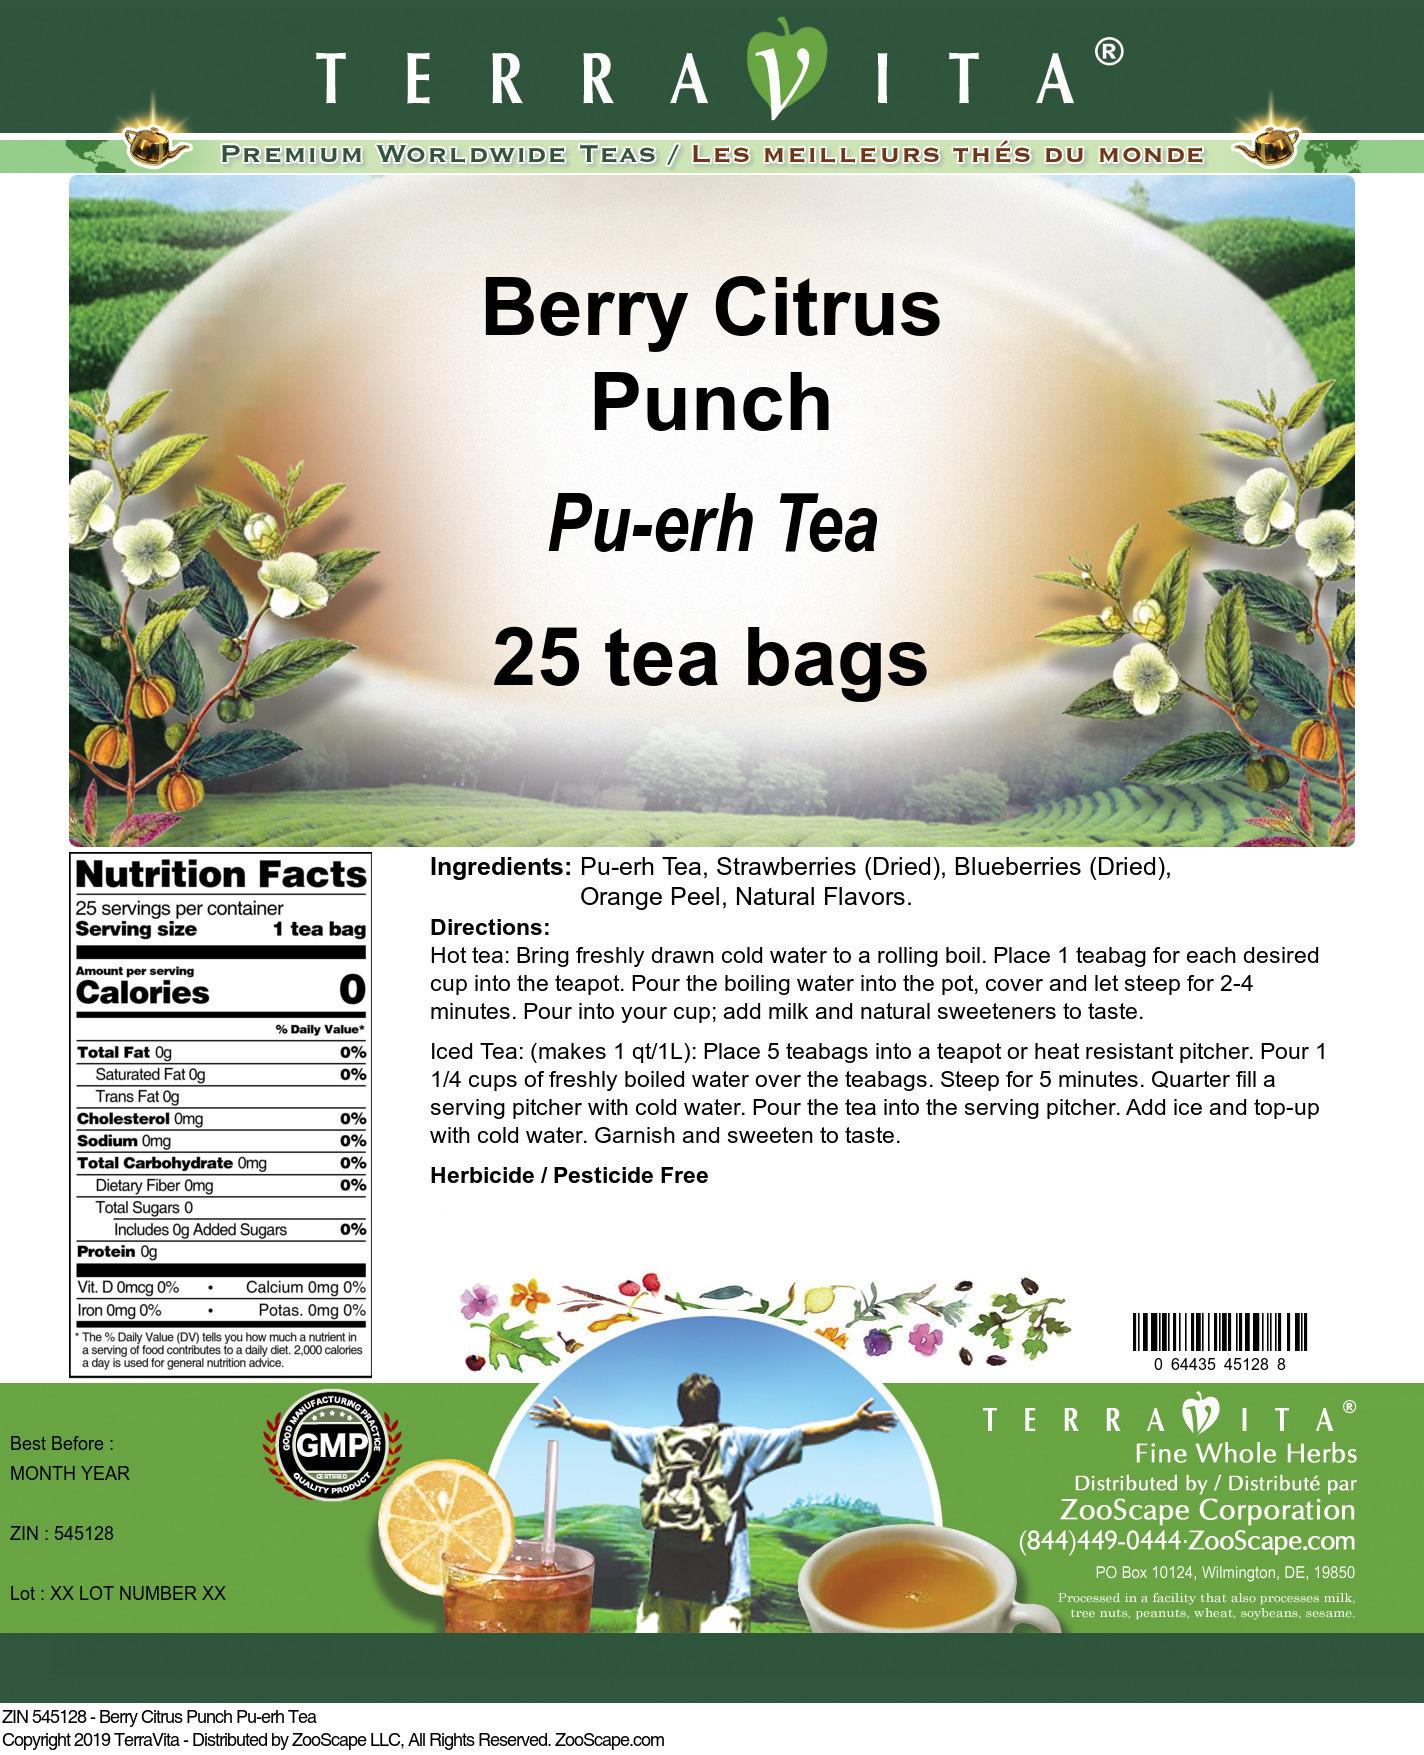 Berry Citrus Punch Pu-erh Tea